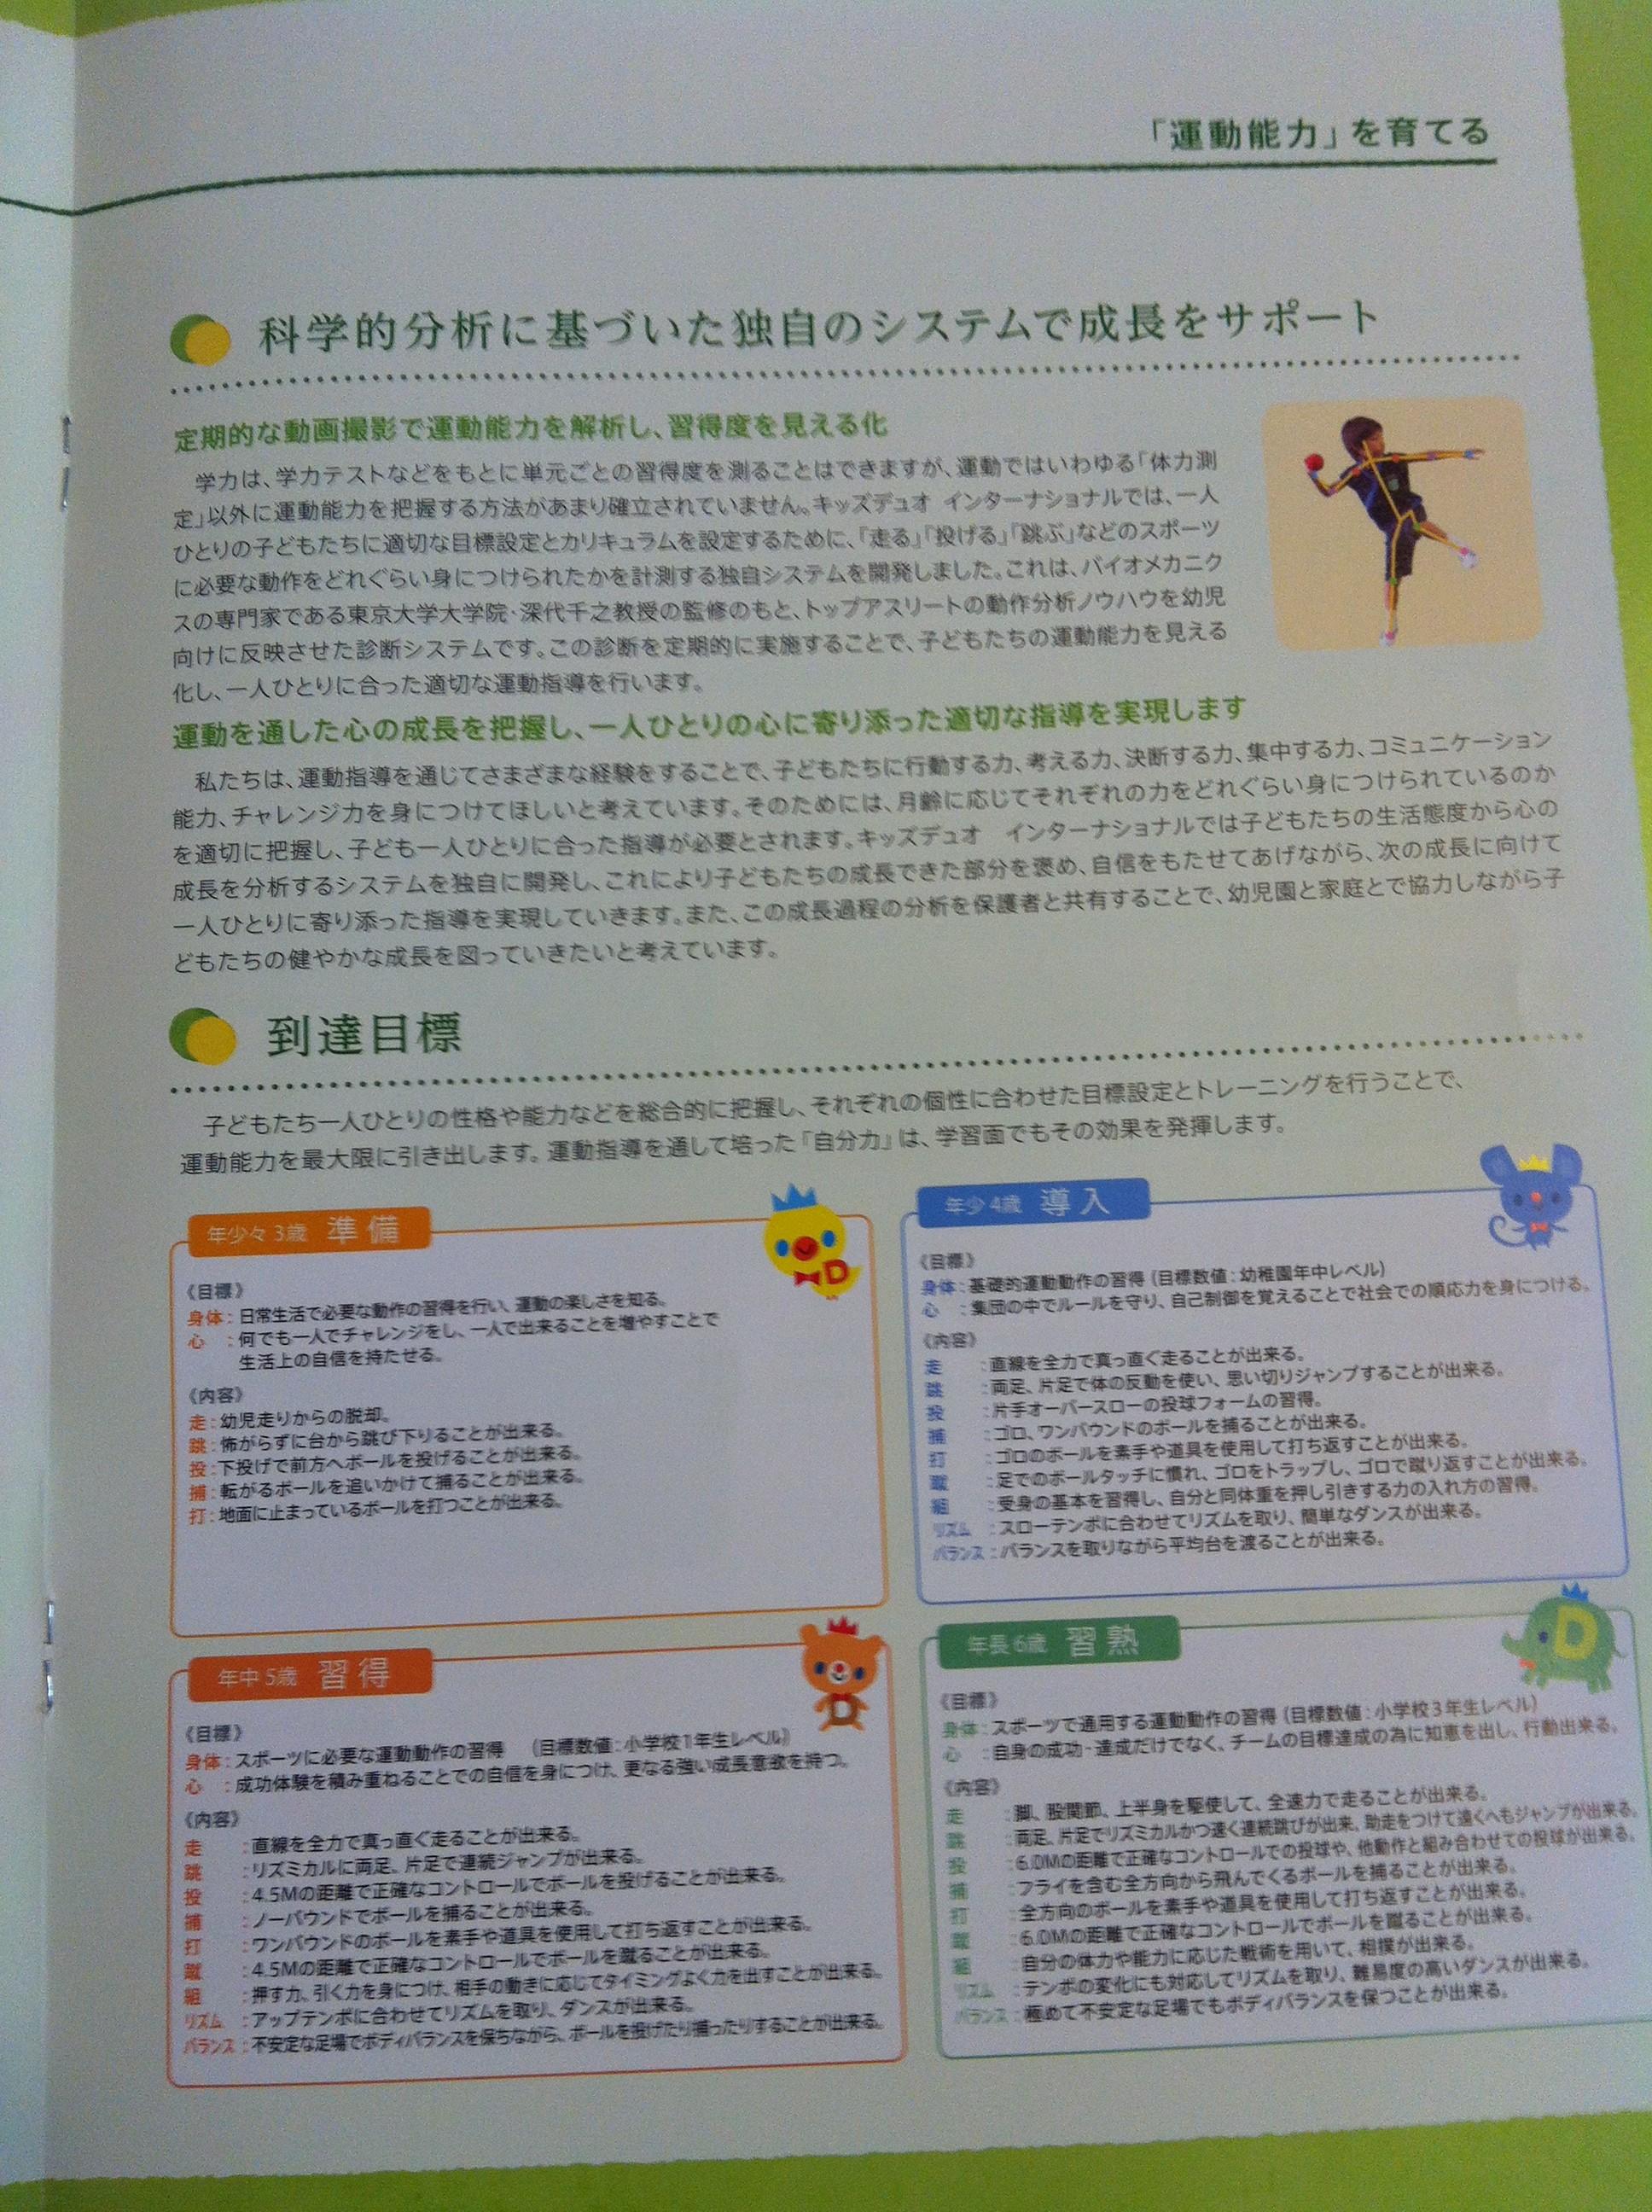 キッズデュオ(kids duo)の説明会で配られたパンフレット12ページ目の画像キャプチャ